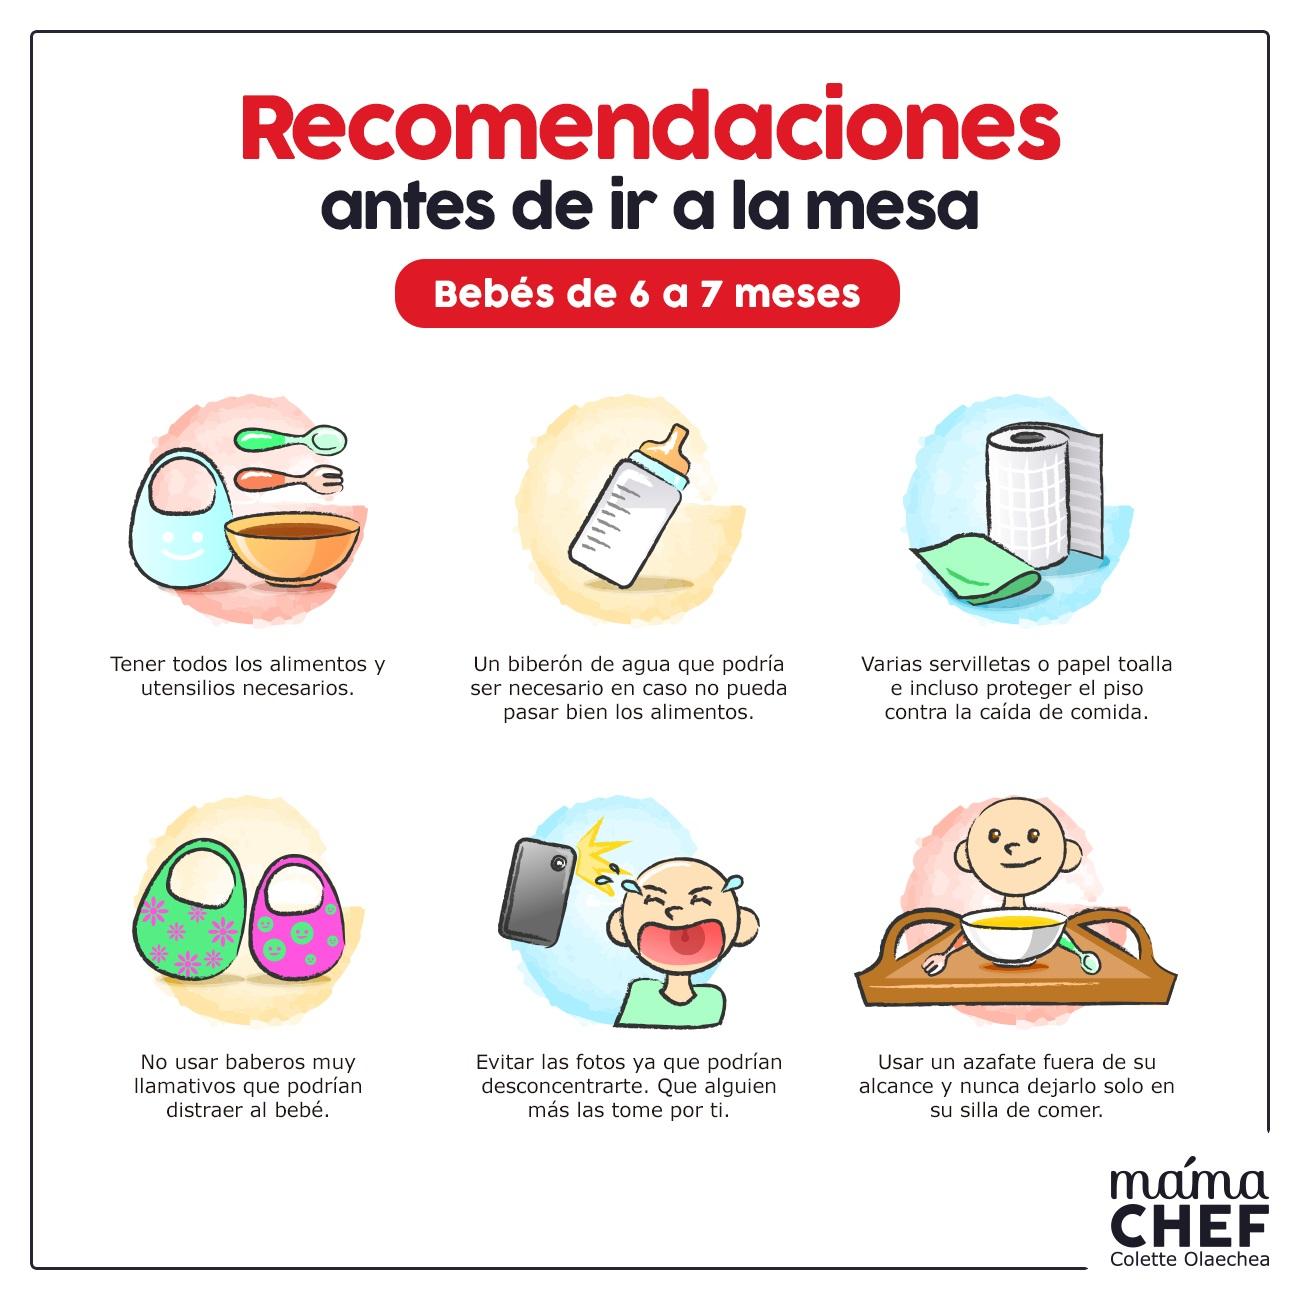 Papillas Alimentos permitidos bebes 6 meses Mama Chef Colette Olaechea info horarios